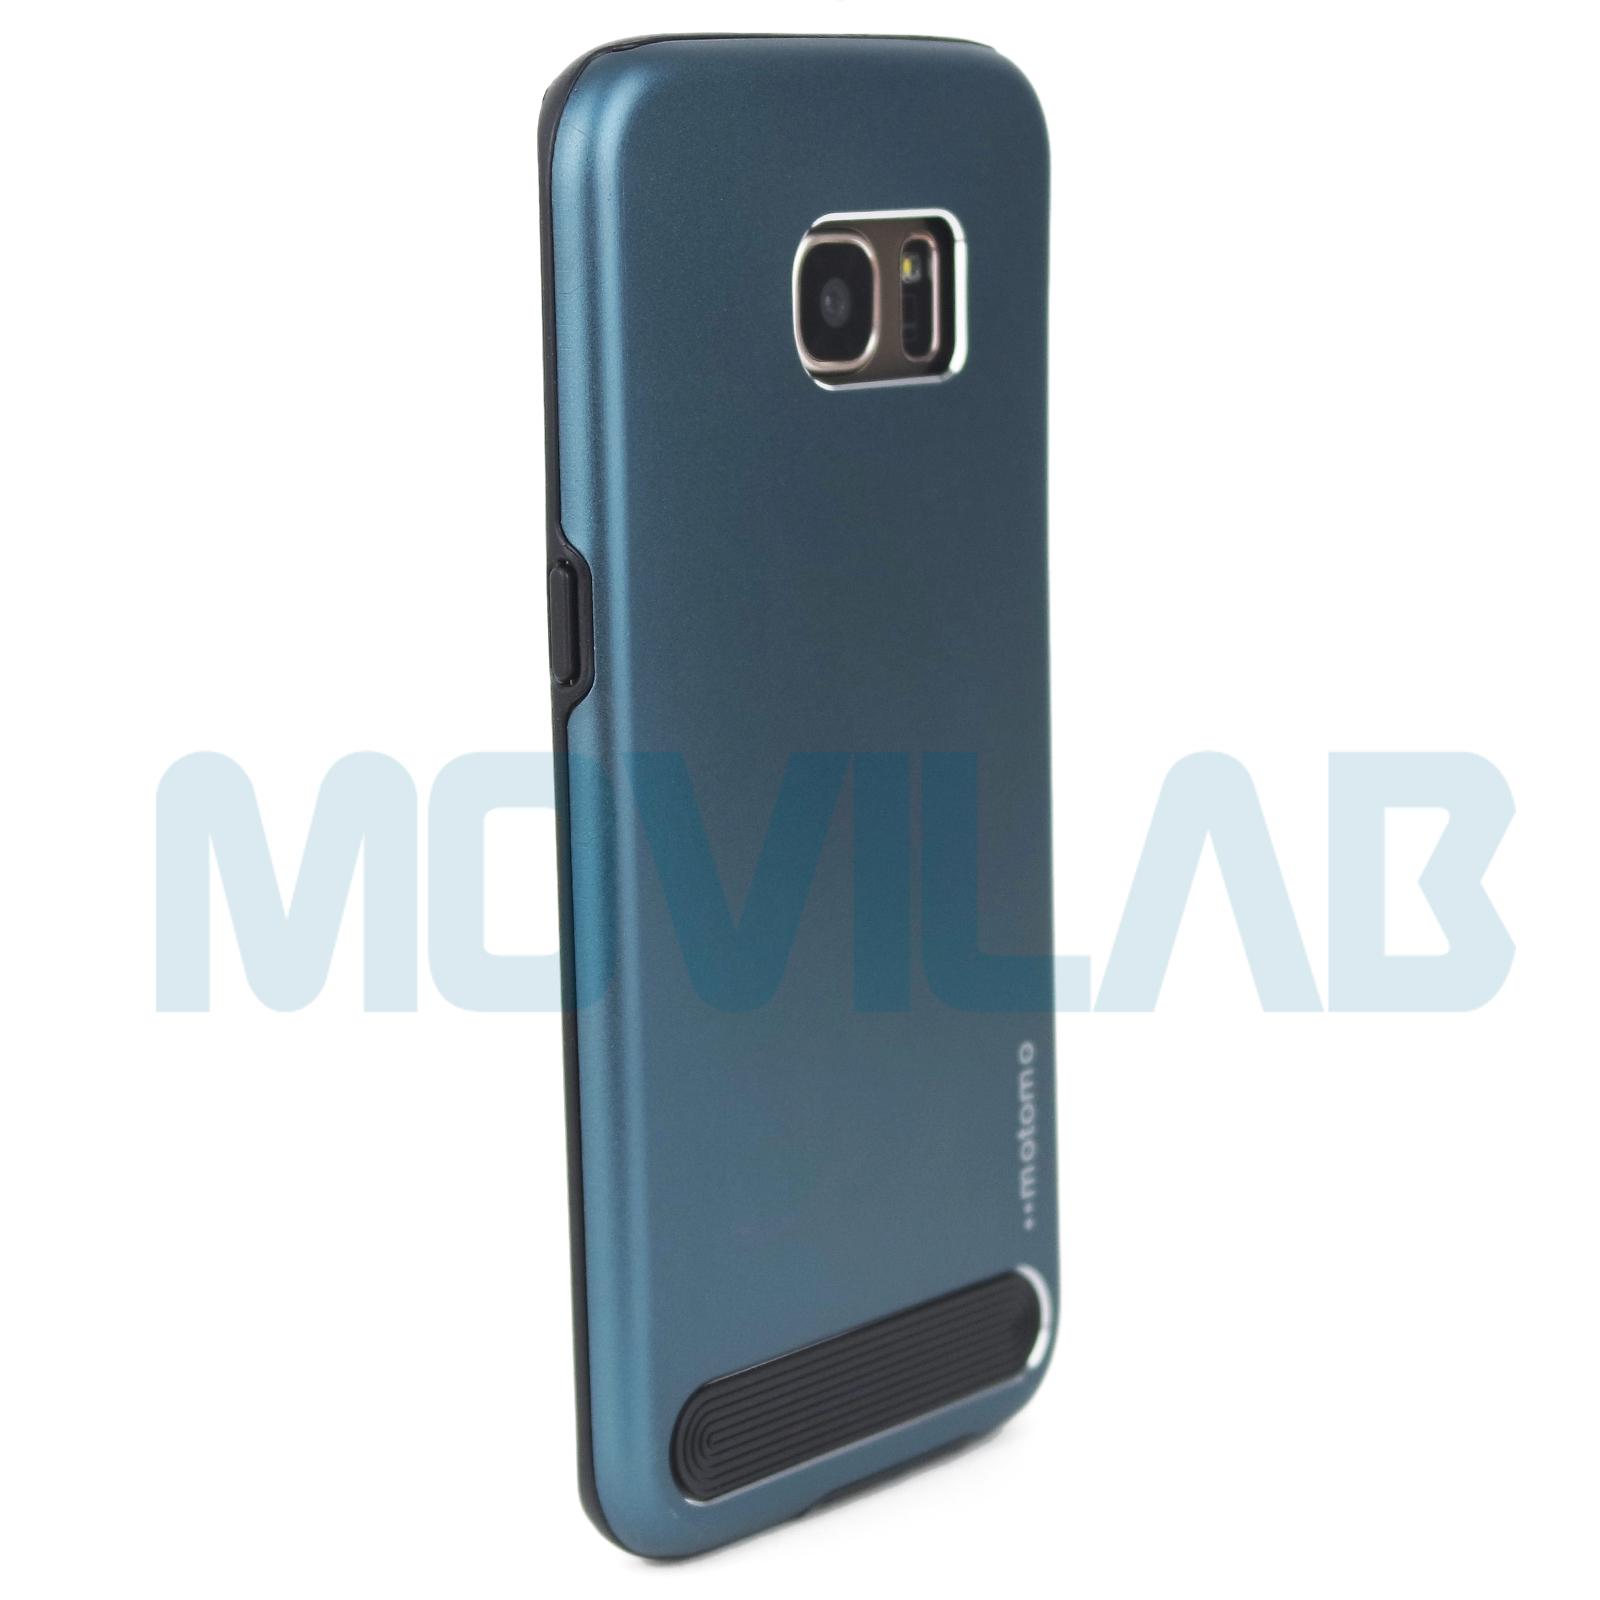 Funda aluminio Motomo Galaxy S7 Edge  trasera